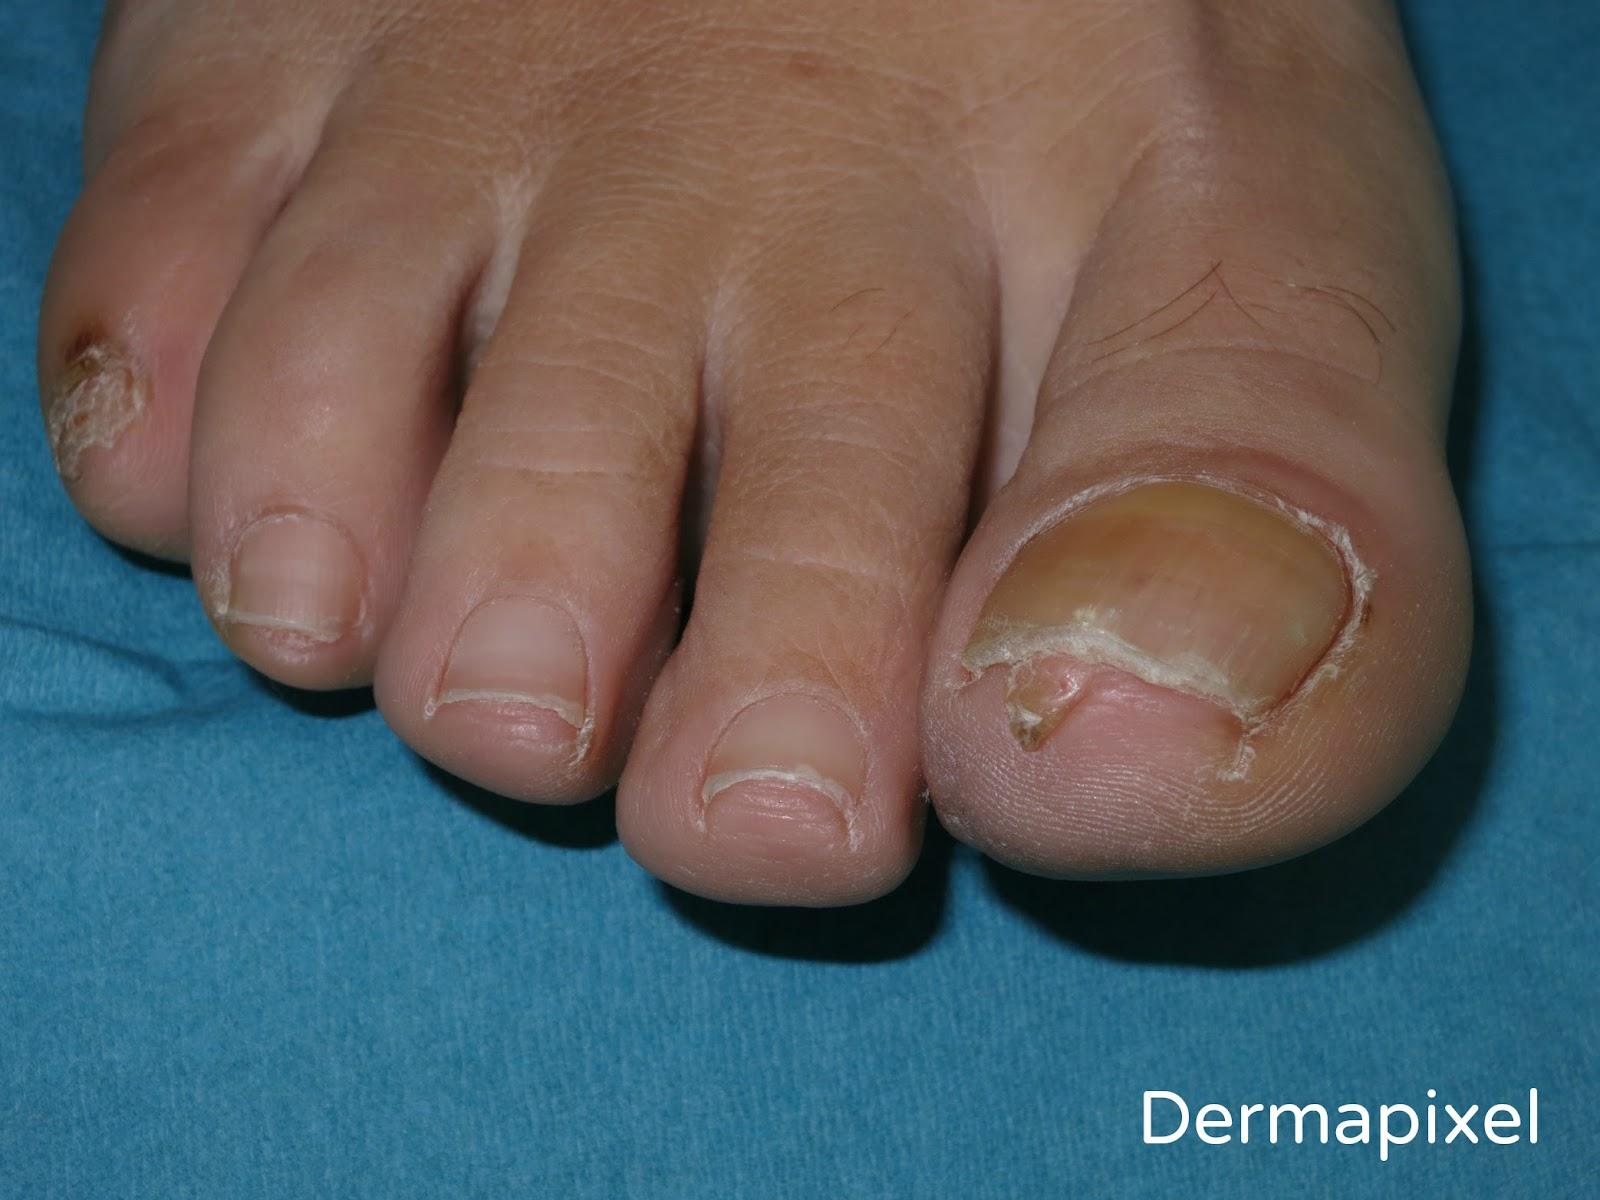 Dermapixel: Una verruga debajo de la uña